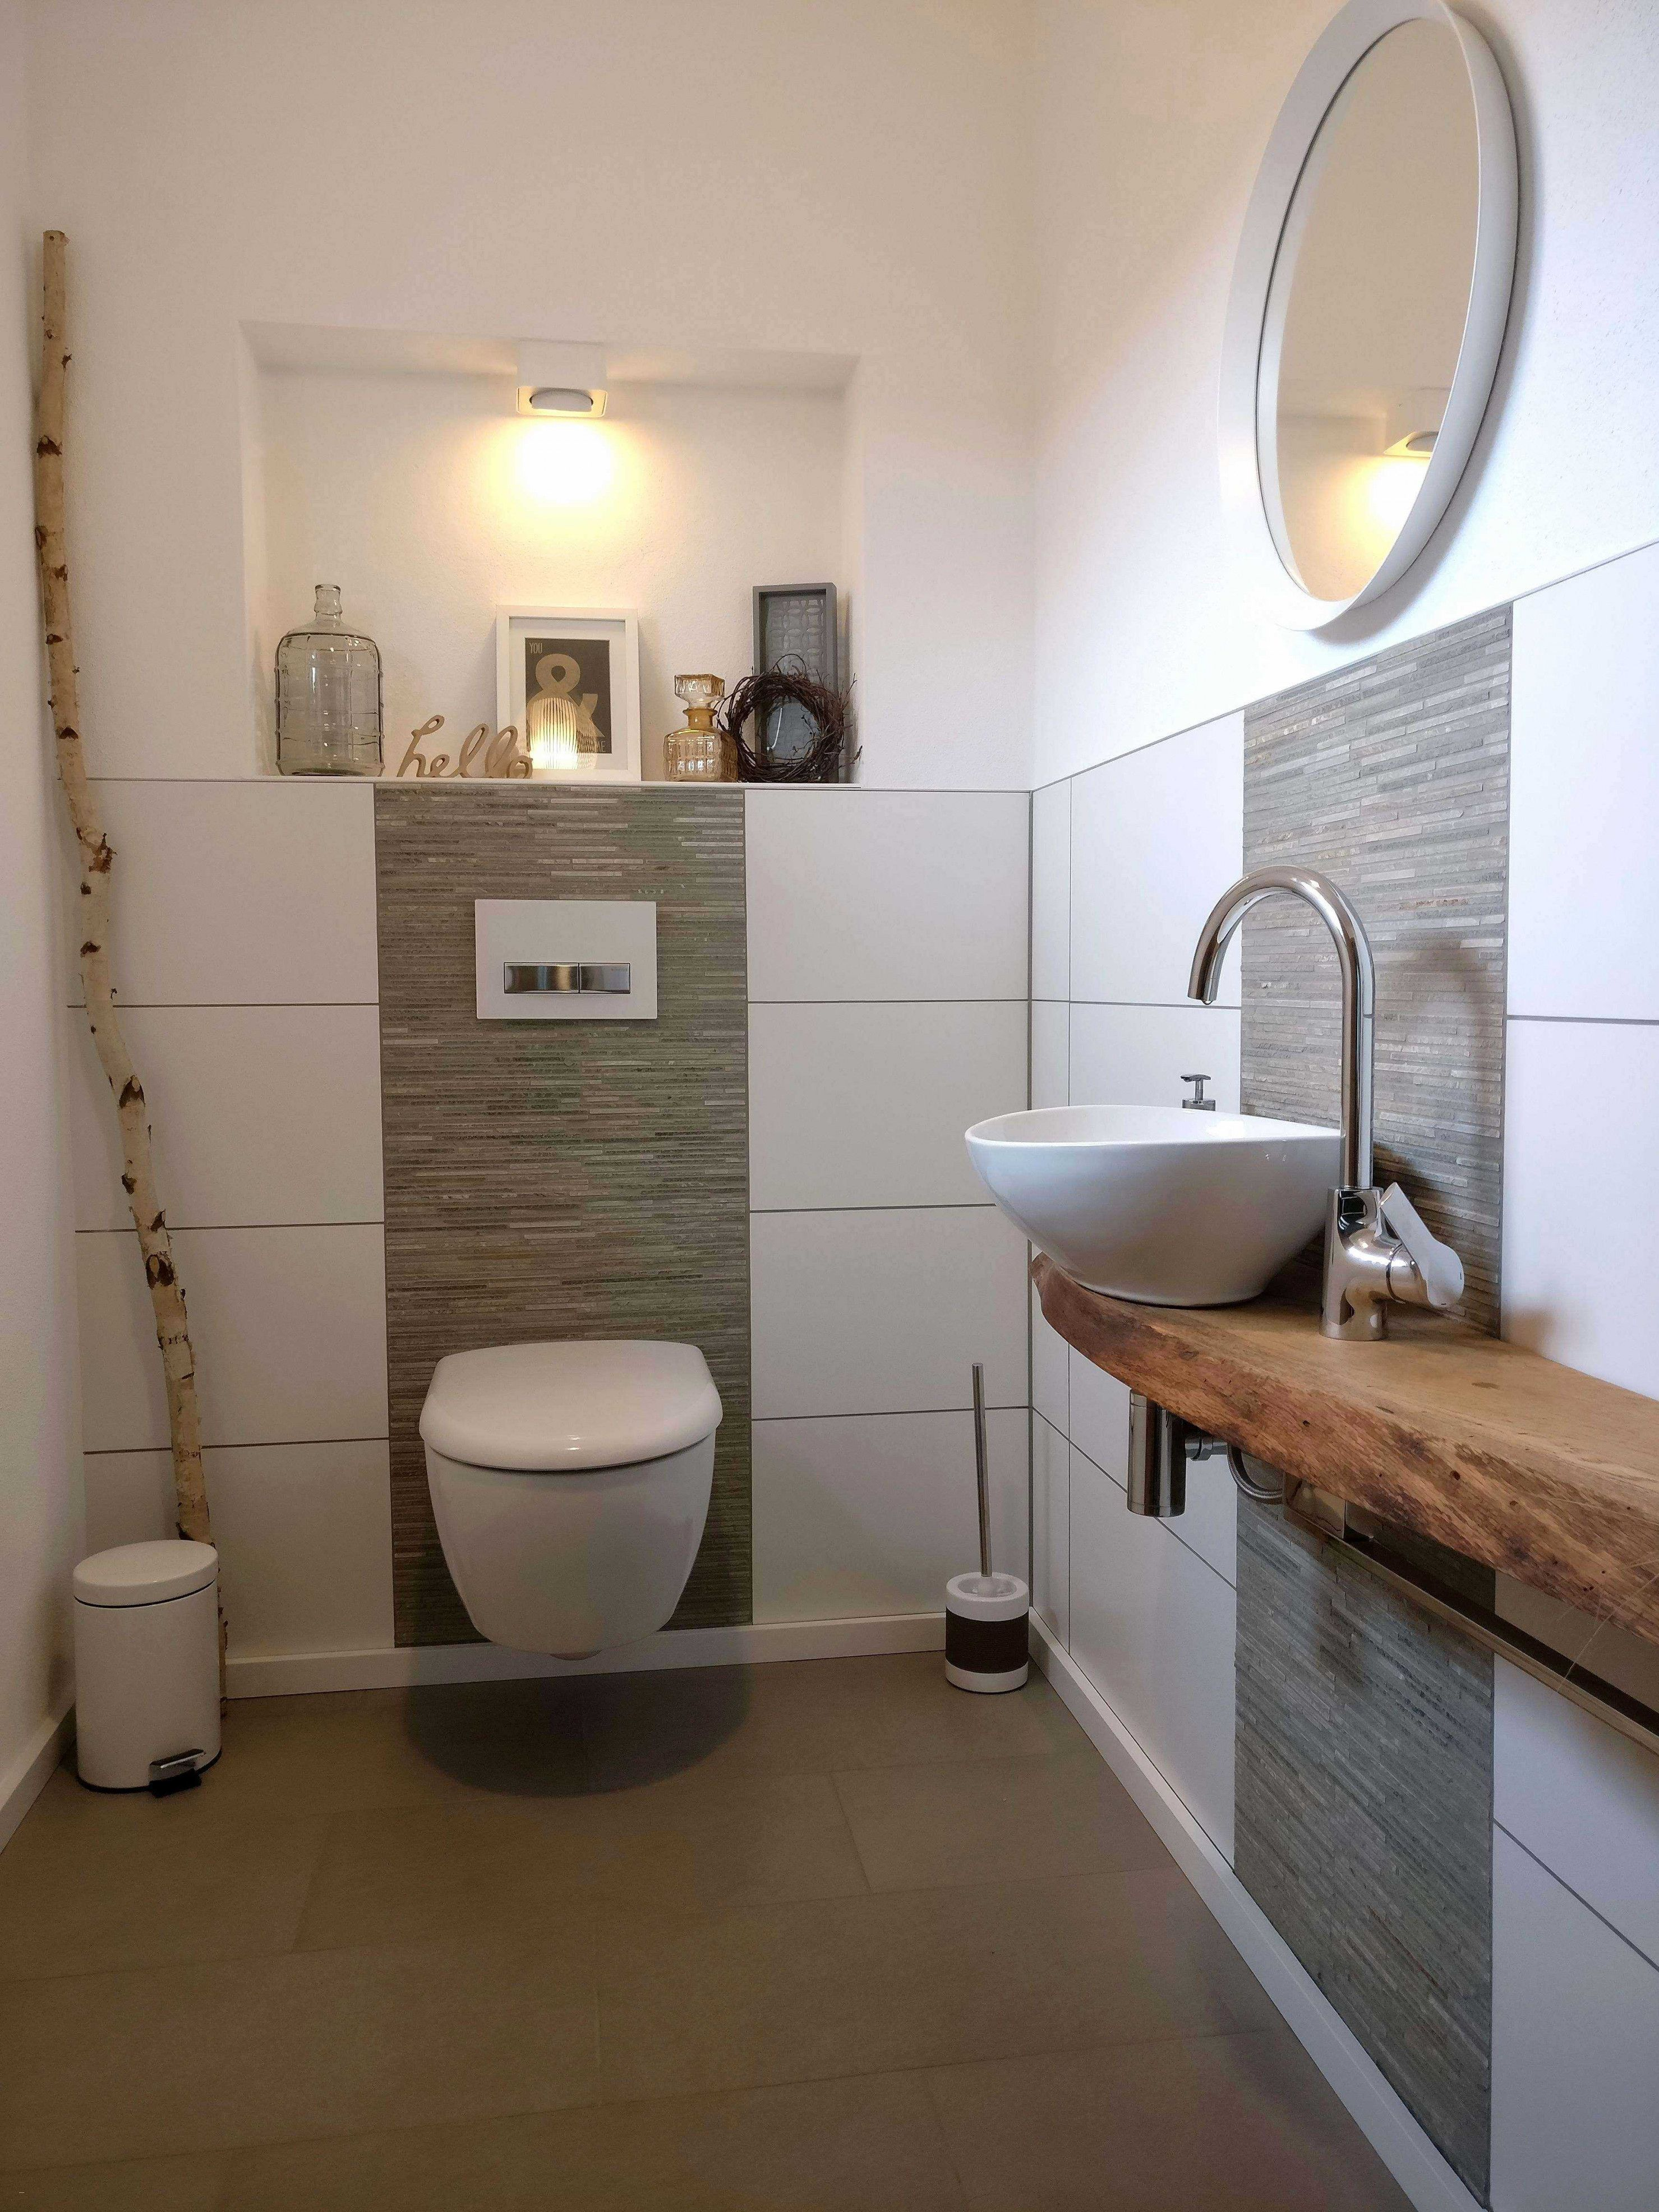 Beste Von Kleines Bad Fliesen Konzept Wohnzimmer Ideen Von Kleines Badezimmer Fliesen Ideen Badezimmer Fliesen Ideen Bilder Kleine Gaste Wc Kleines Bad Fliesen